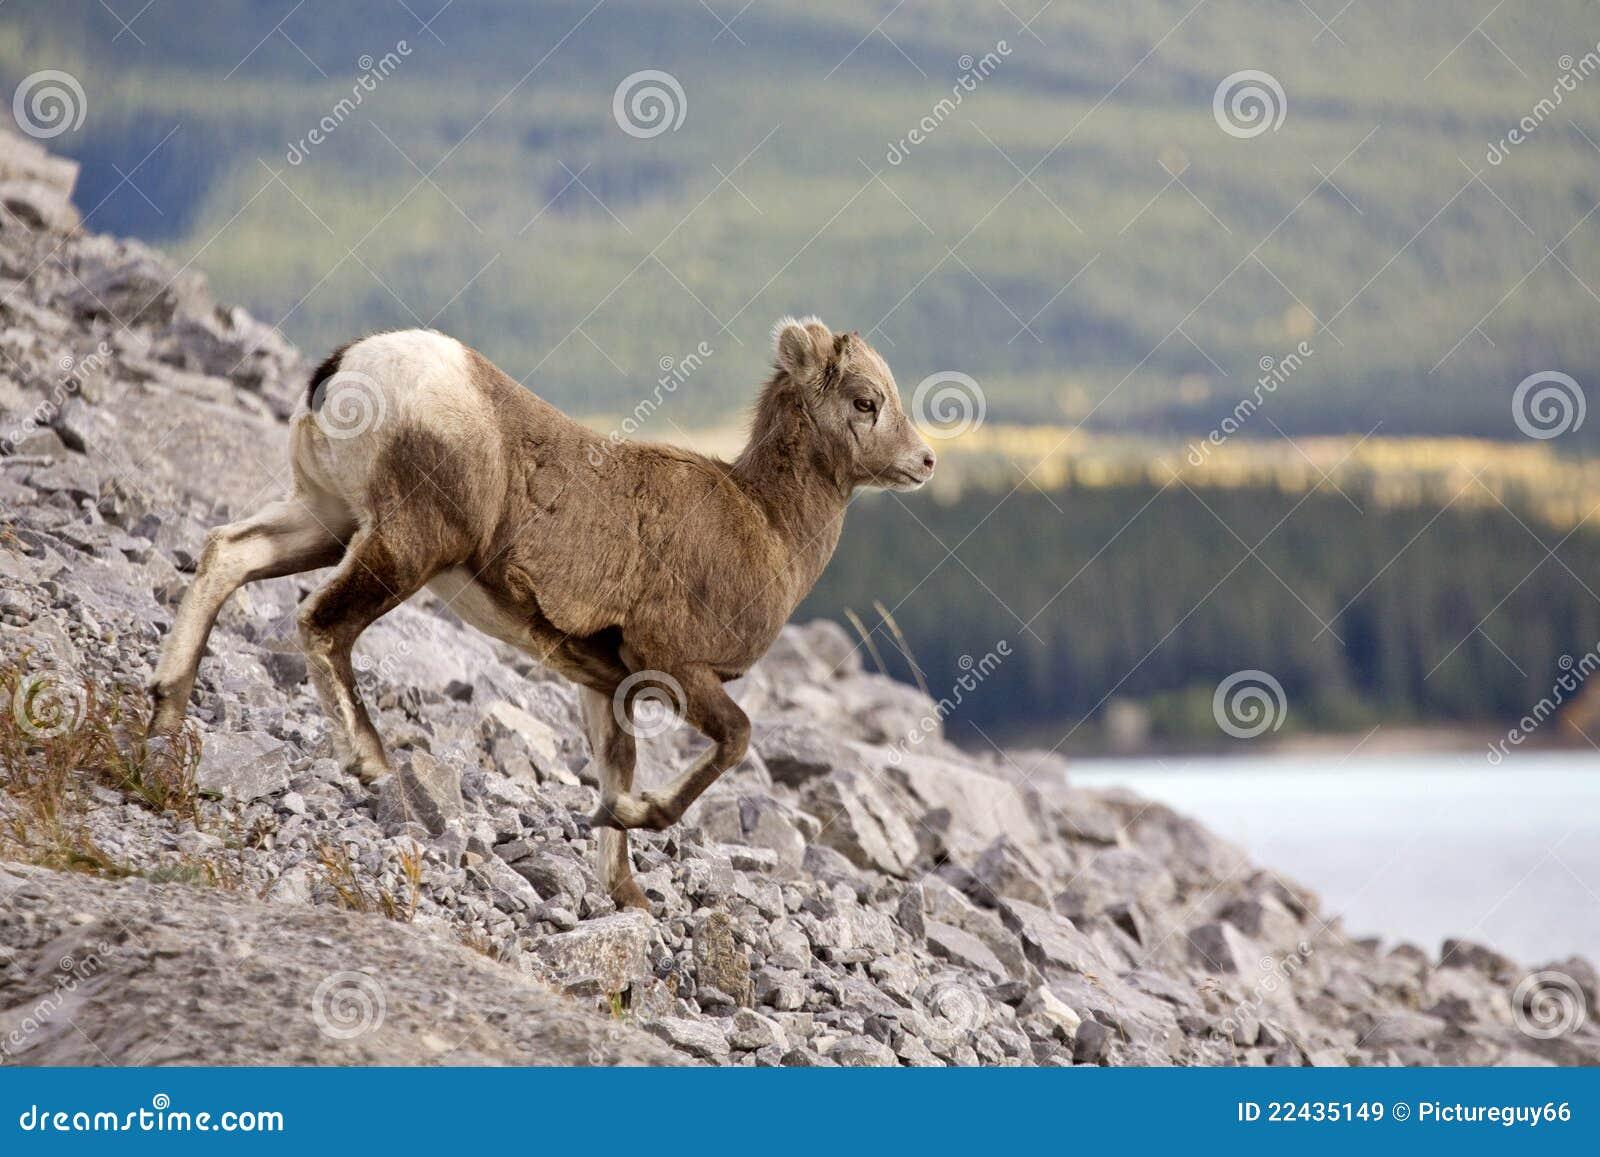 Moutons de montagne rocheuse image stock image du klaxon - Photos de moutons gratuites ...